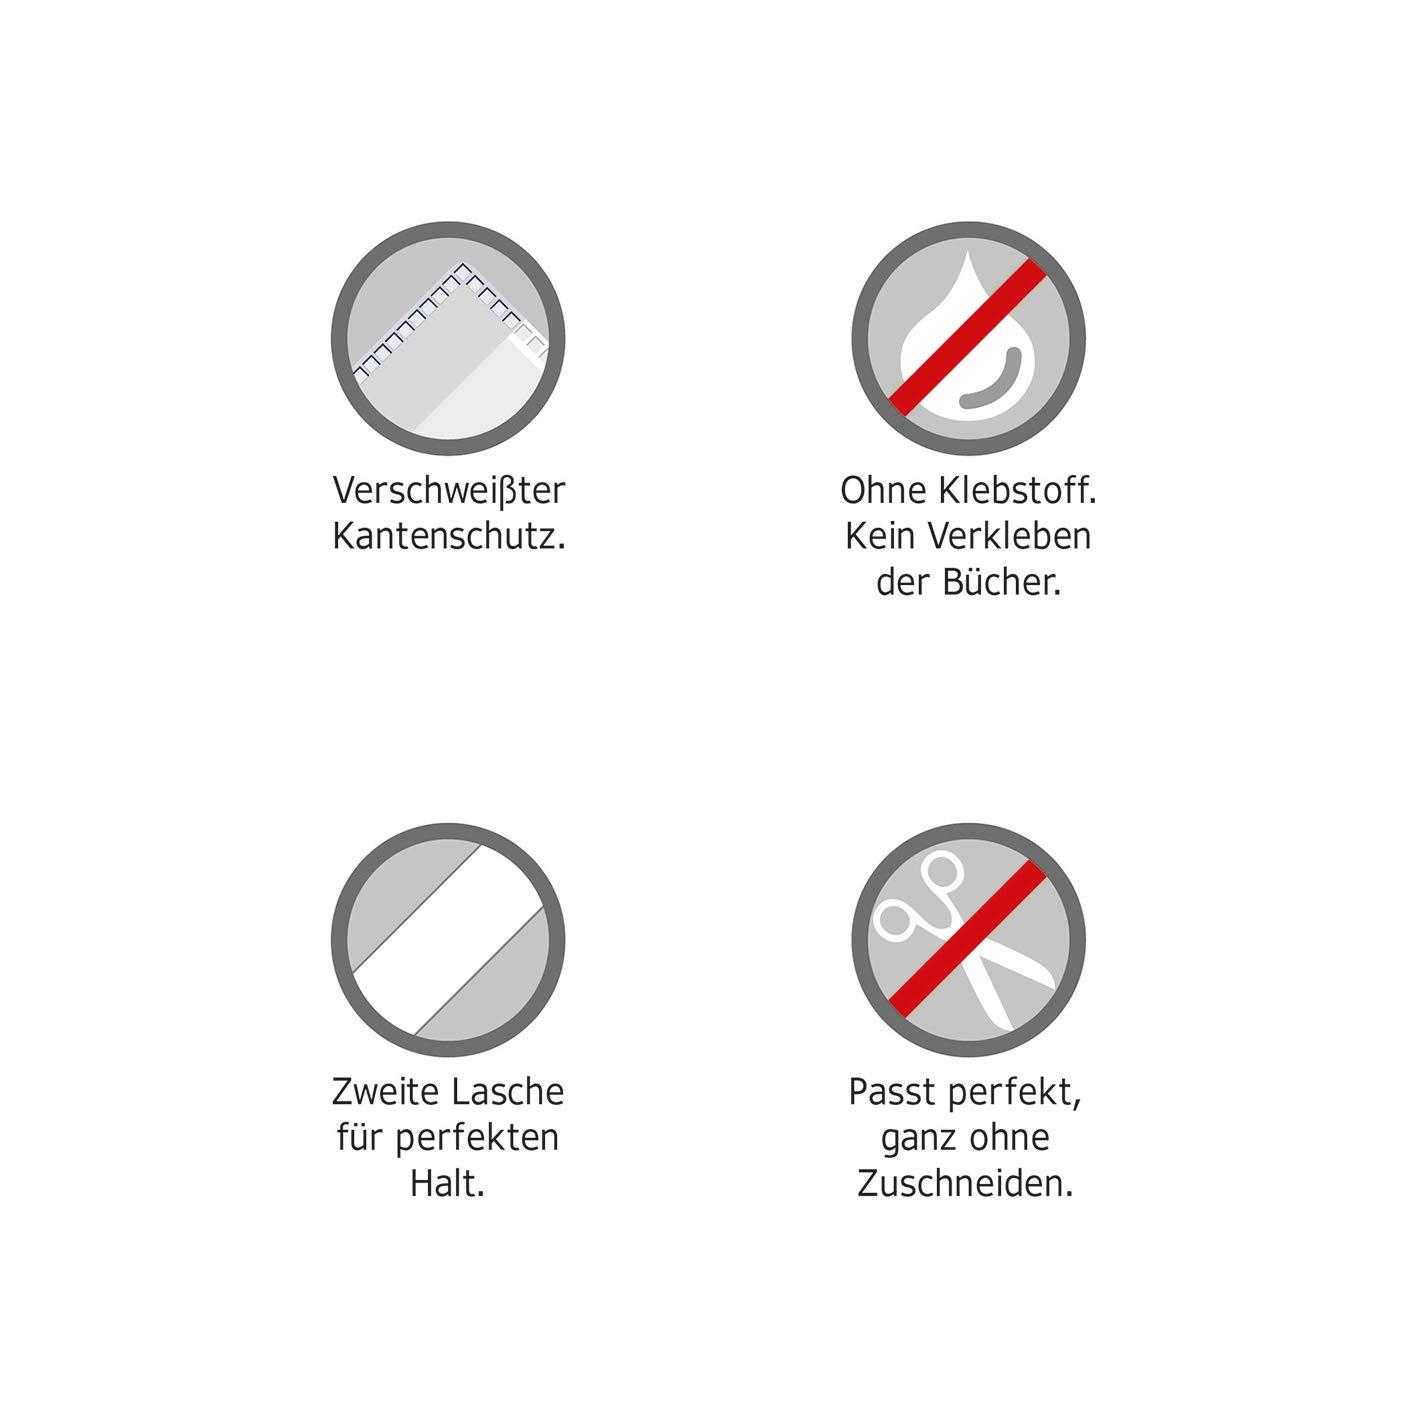 HERMA 14250 Buchumschlag Basic 1 Buchschoner f/ür Schulb/ücher Buchh/ülle aus robuster Folie mit Namensetikett Gr/ö/ße 25 x 44 cm, transparent